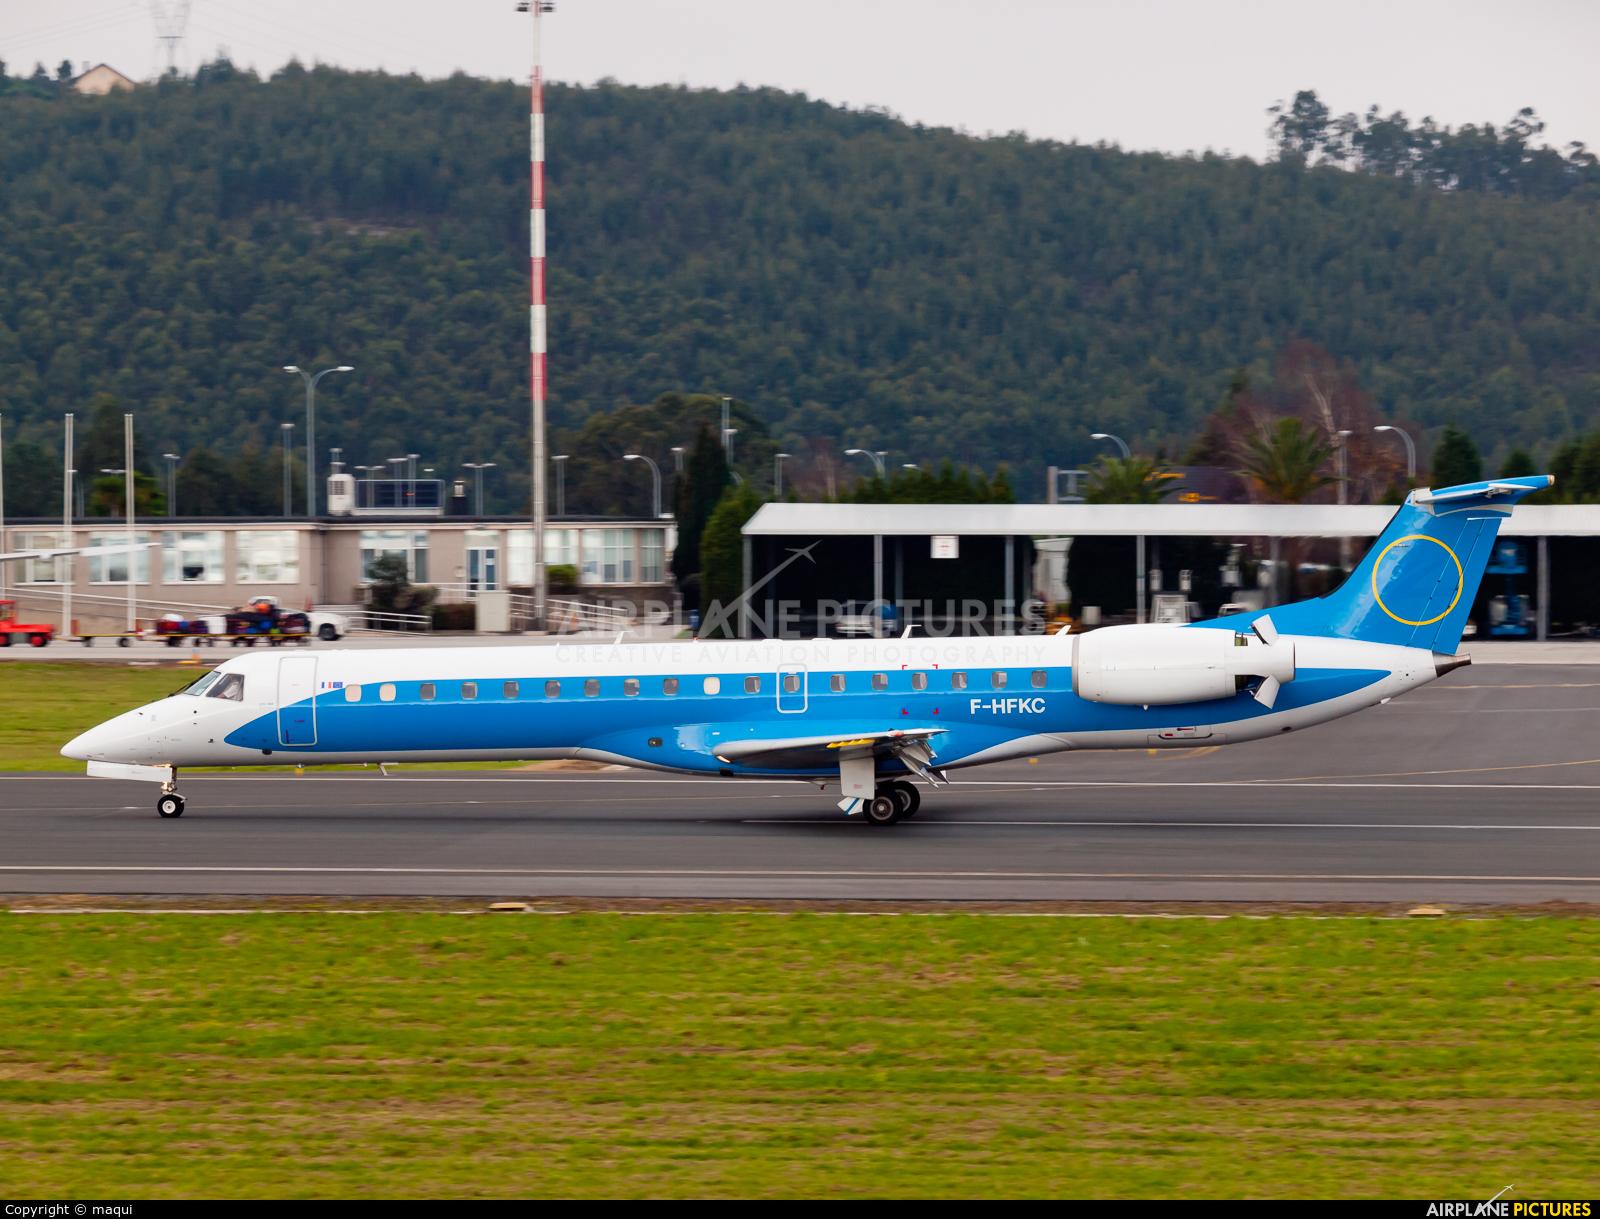 Fly Kiss F-HFKG aircraft at La Coruña